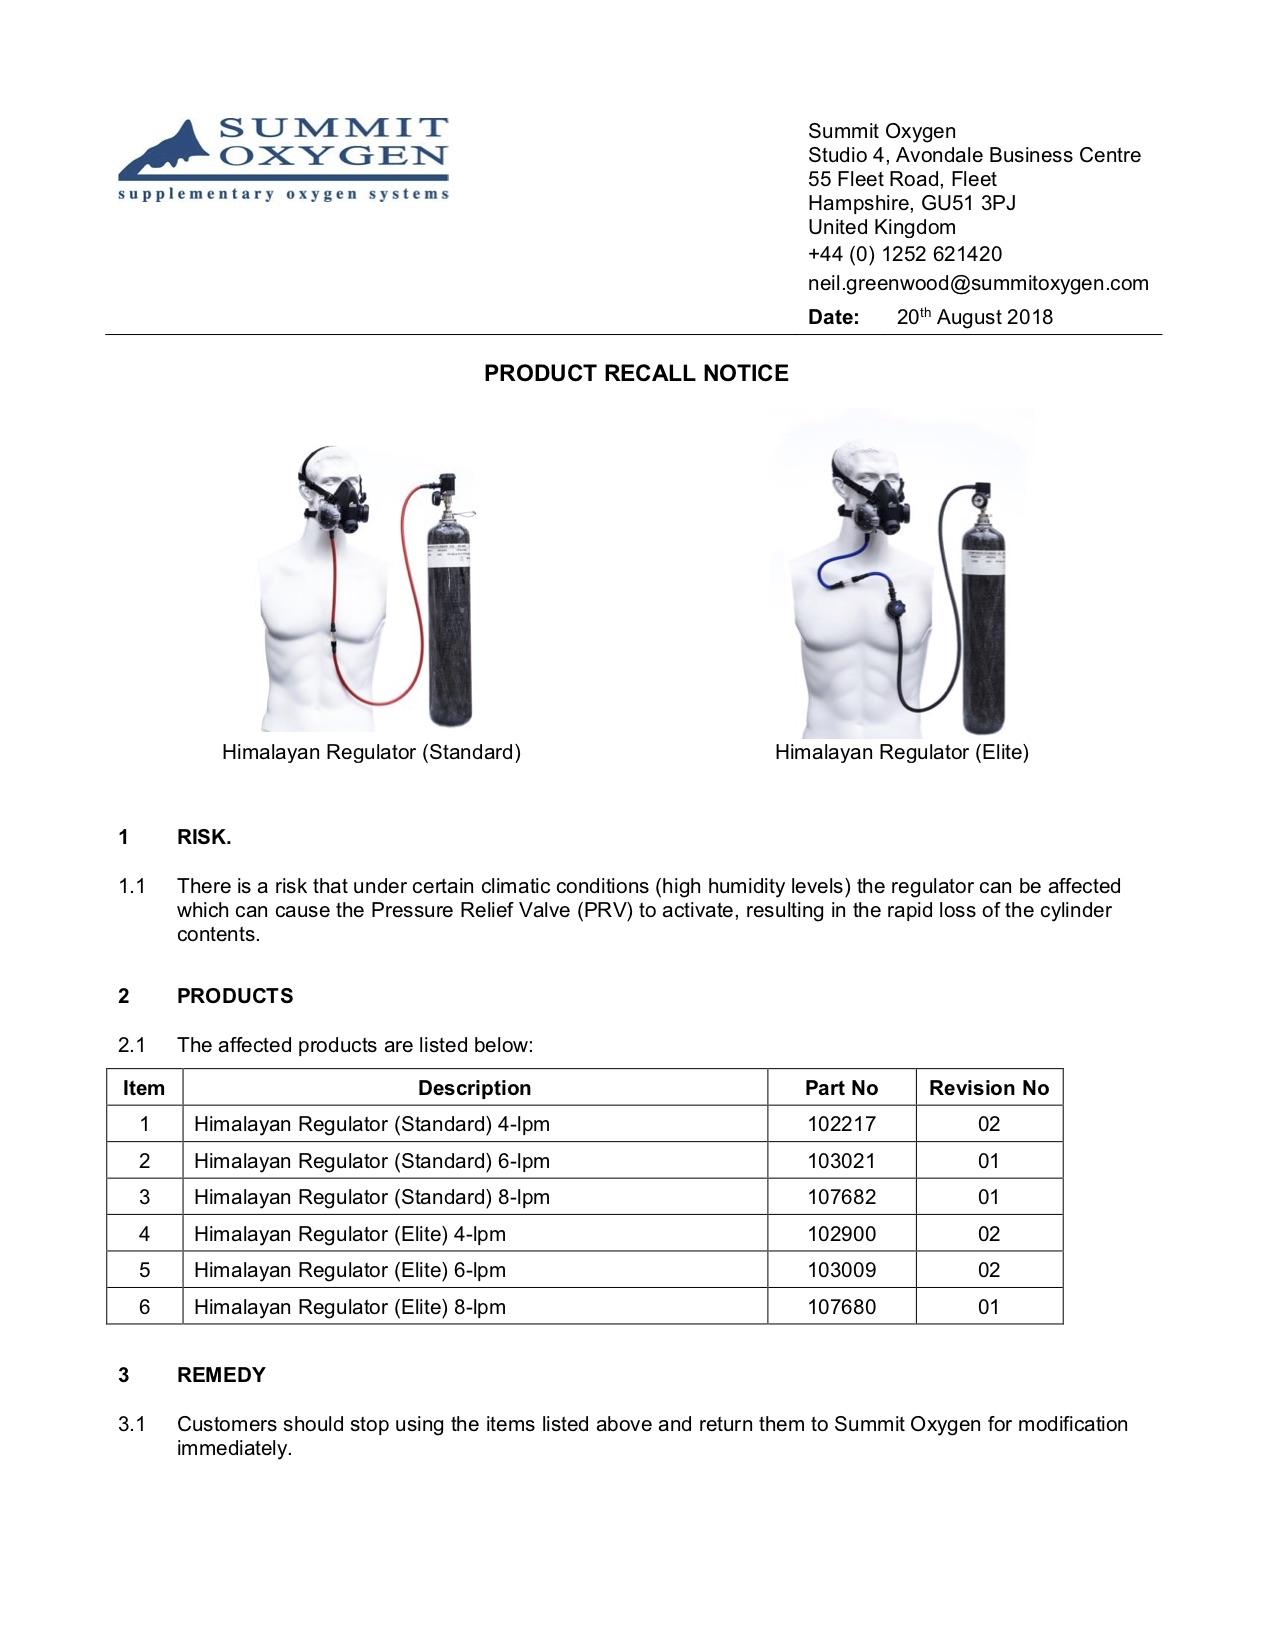 Product Recall Notice_Himalayan Regulator